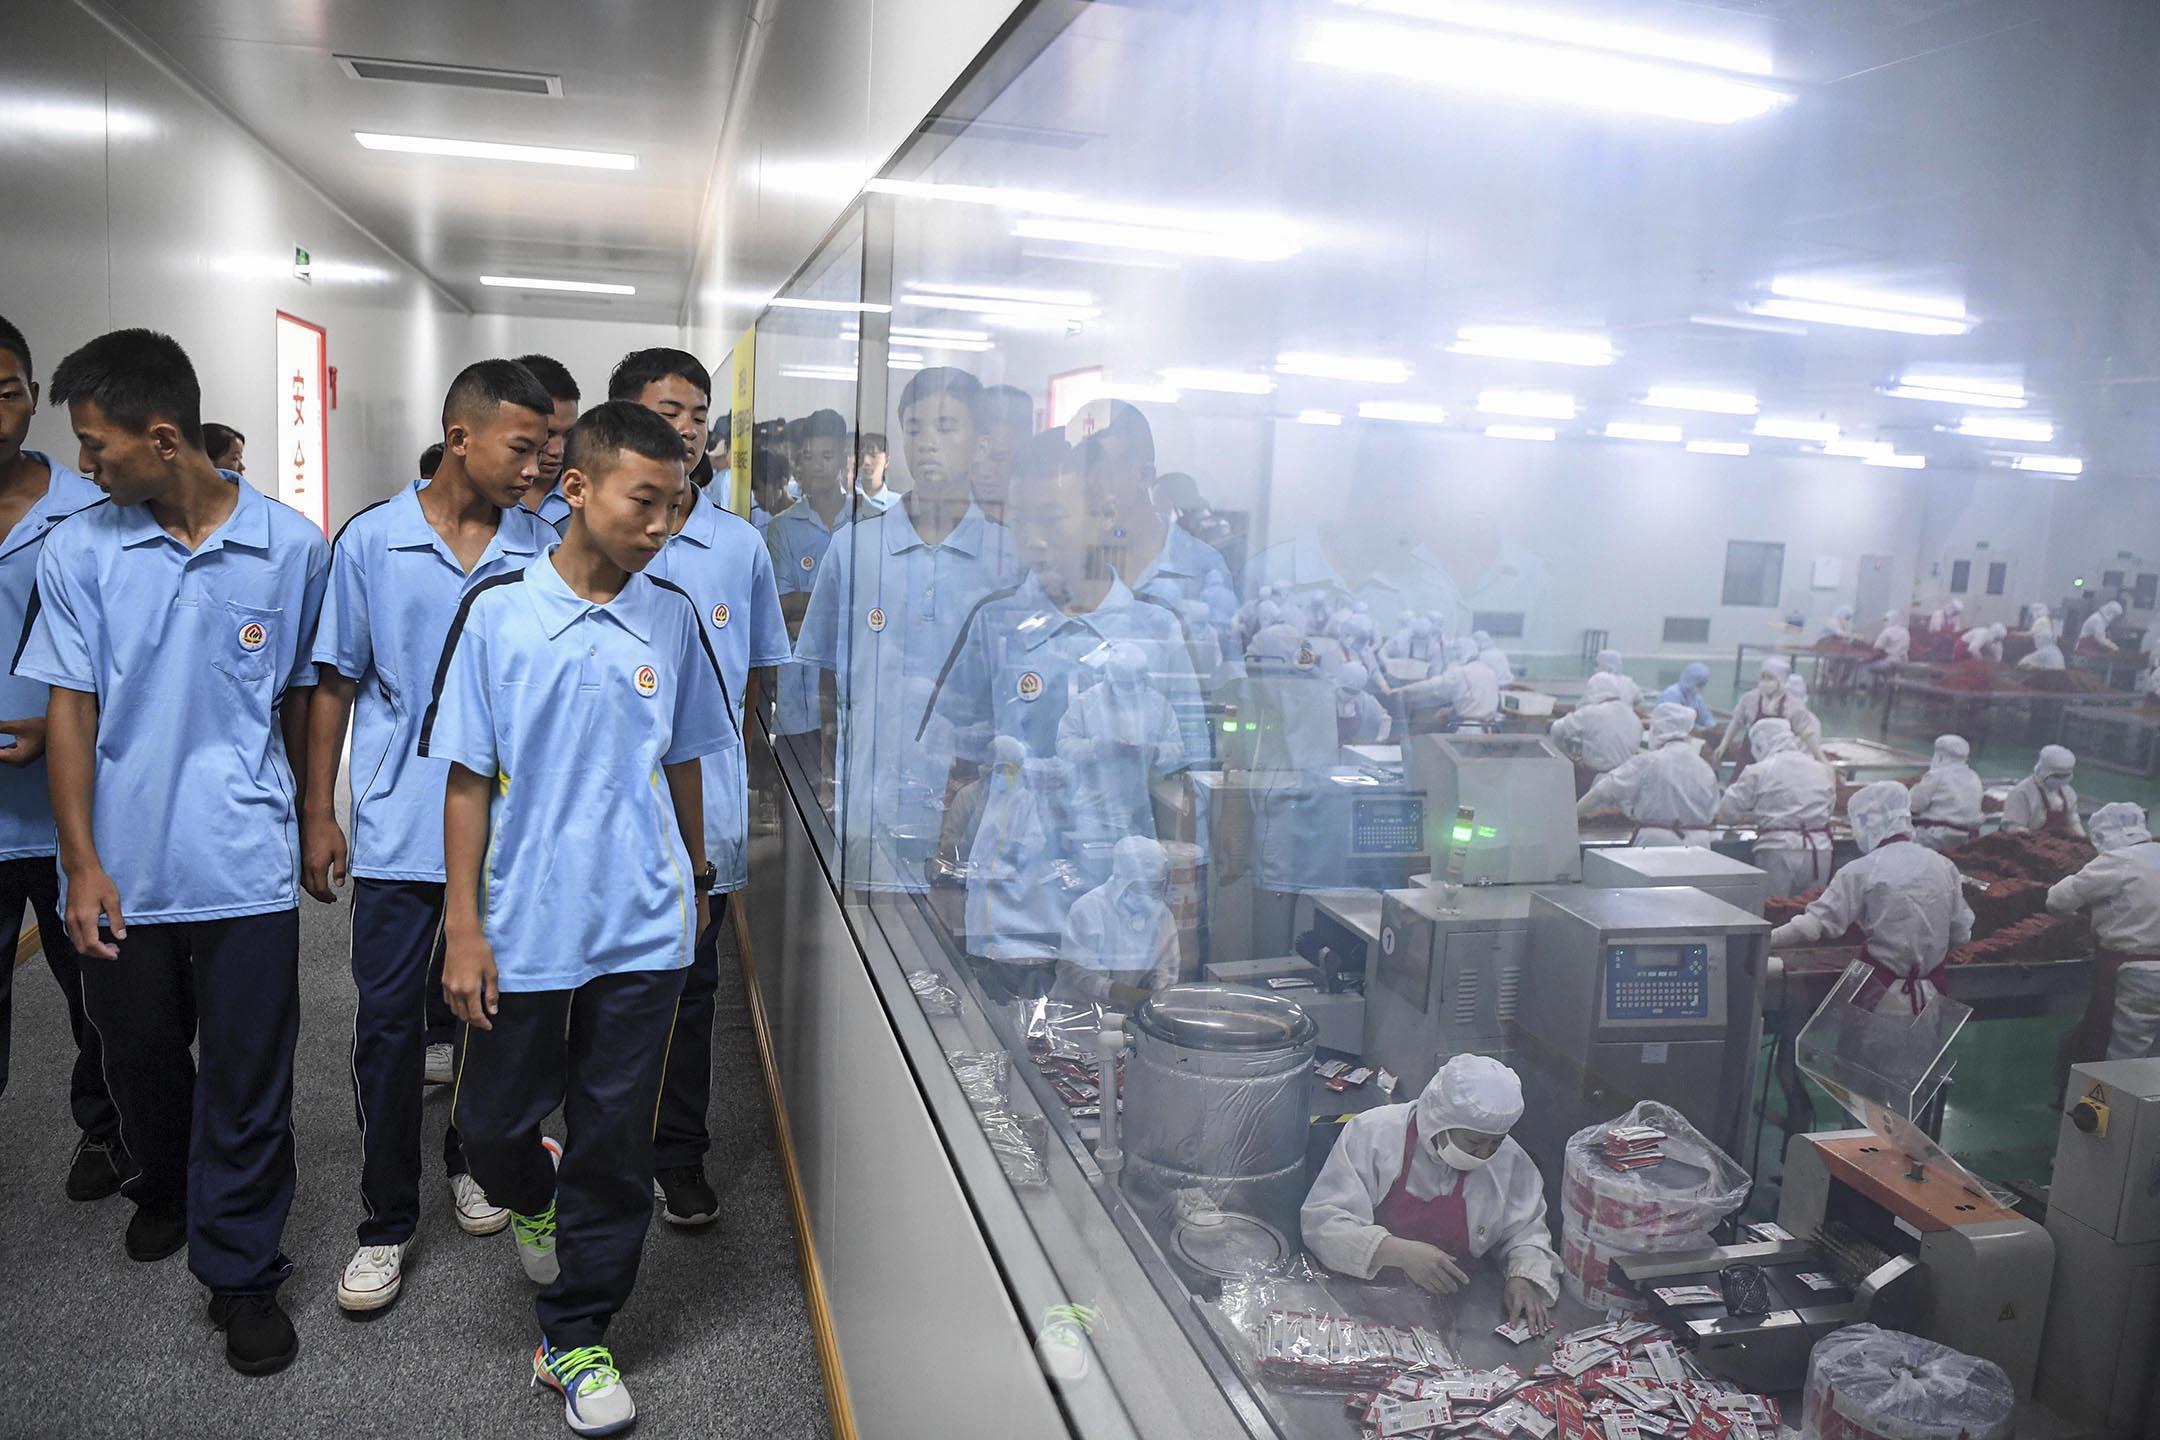 2020年9月15日中國平江市,學生參加了由職業技術學校和當地一家食品廠共同舉辦的課程。 攝:Yang Huafeng/China News Service via Getty Images